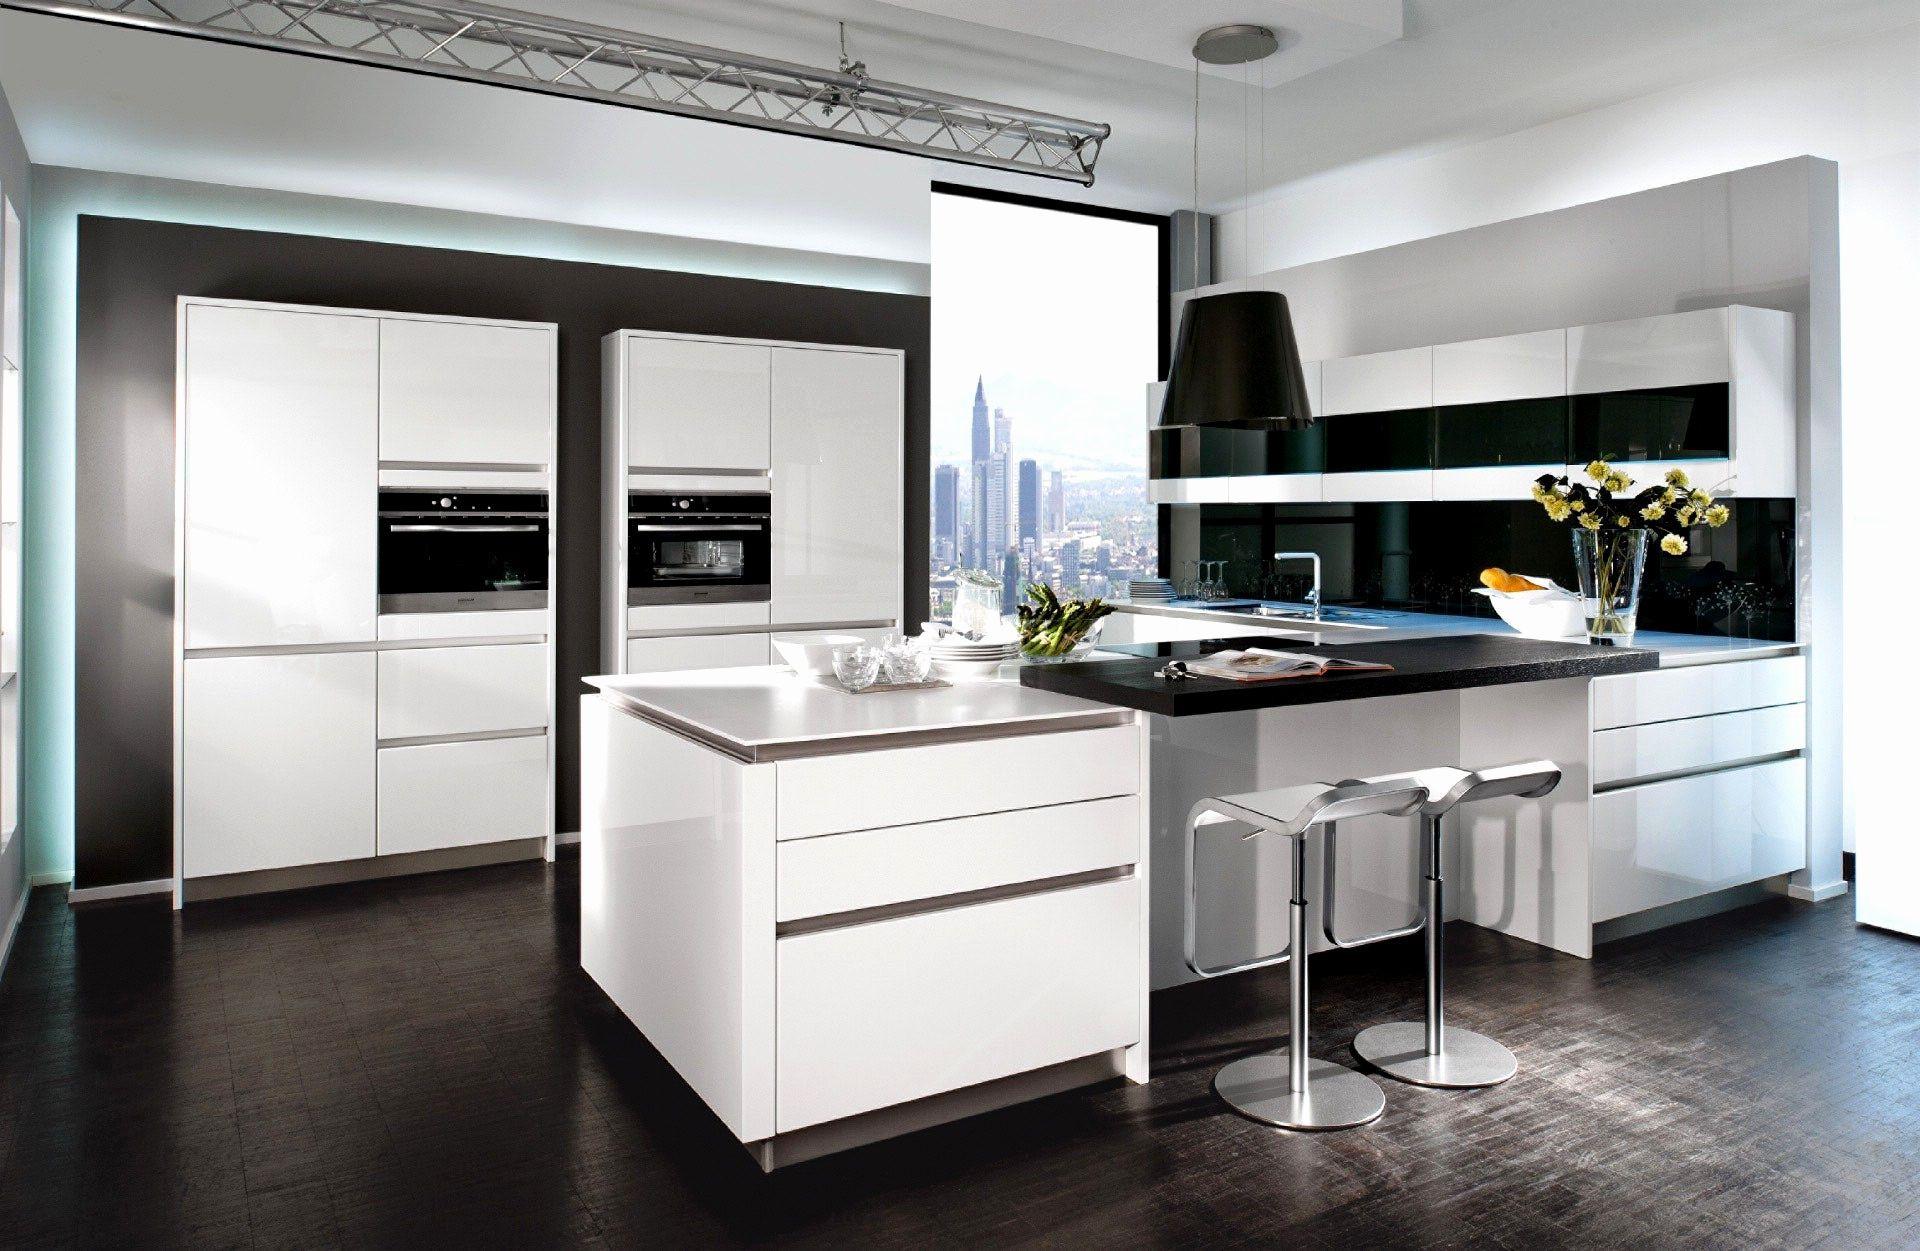 Kuchen Mit Kochinsel Bilder Lovely Kuchen Weiss Dallgow Wohn Design Genial Kuchen Mit